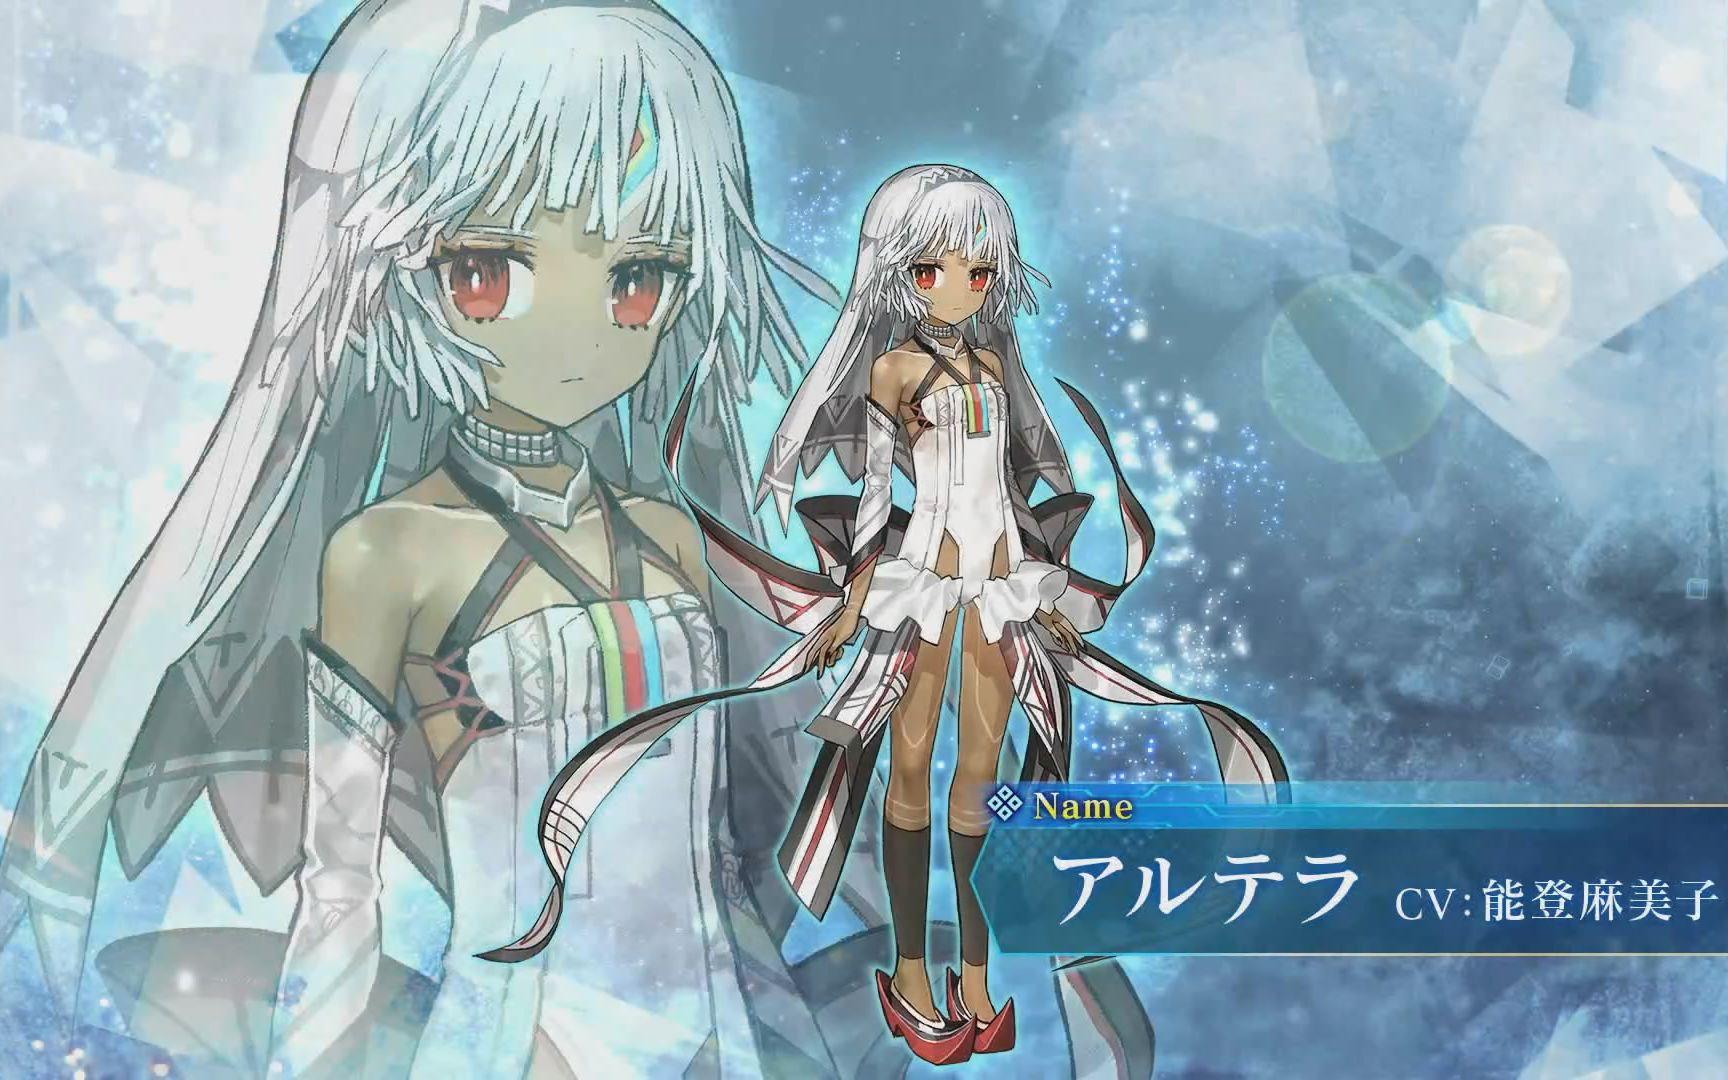 『Fate/EXTELLA LINK』醫療兵・小阿提拉 【1080P】_嗶哩嗶哩 (゜-゜)つロ 干杯~-bilibili